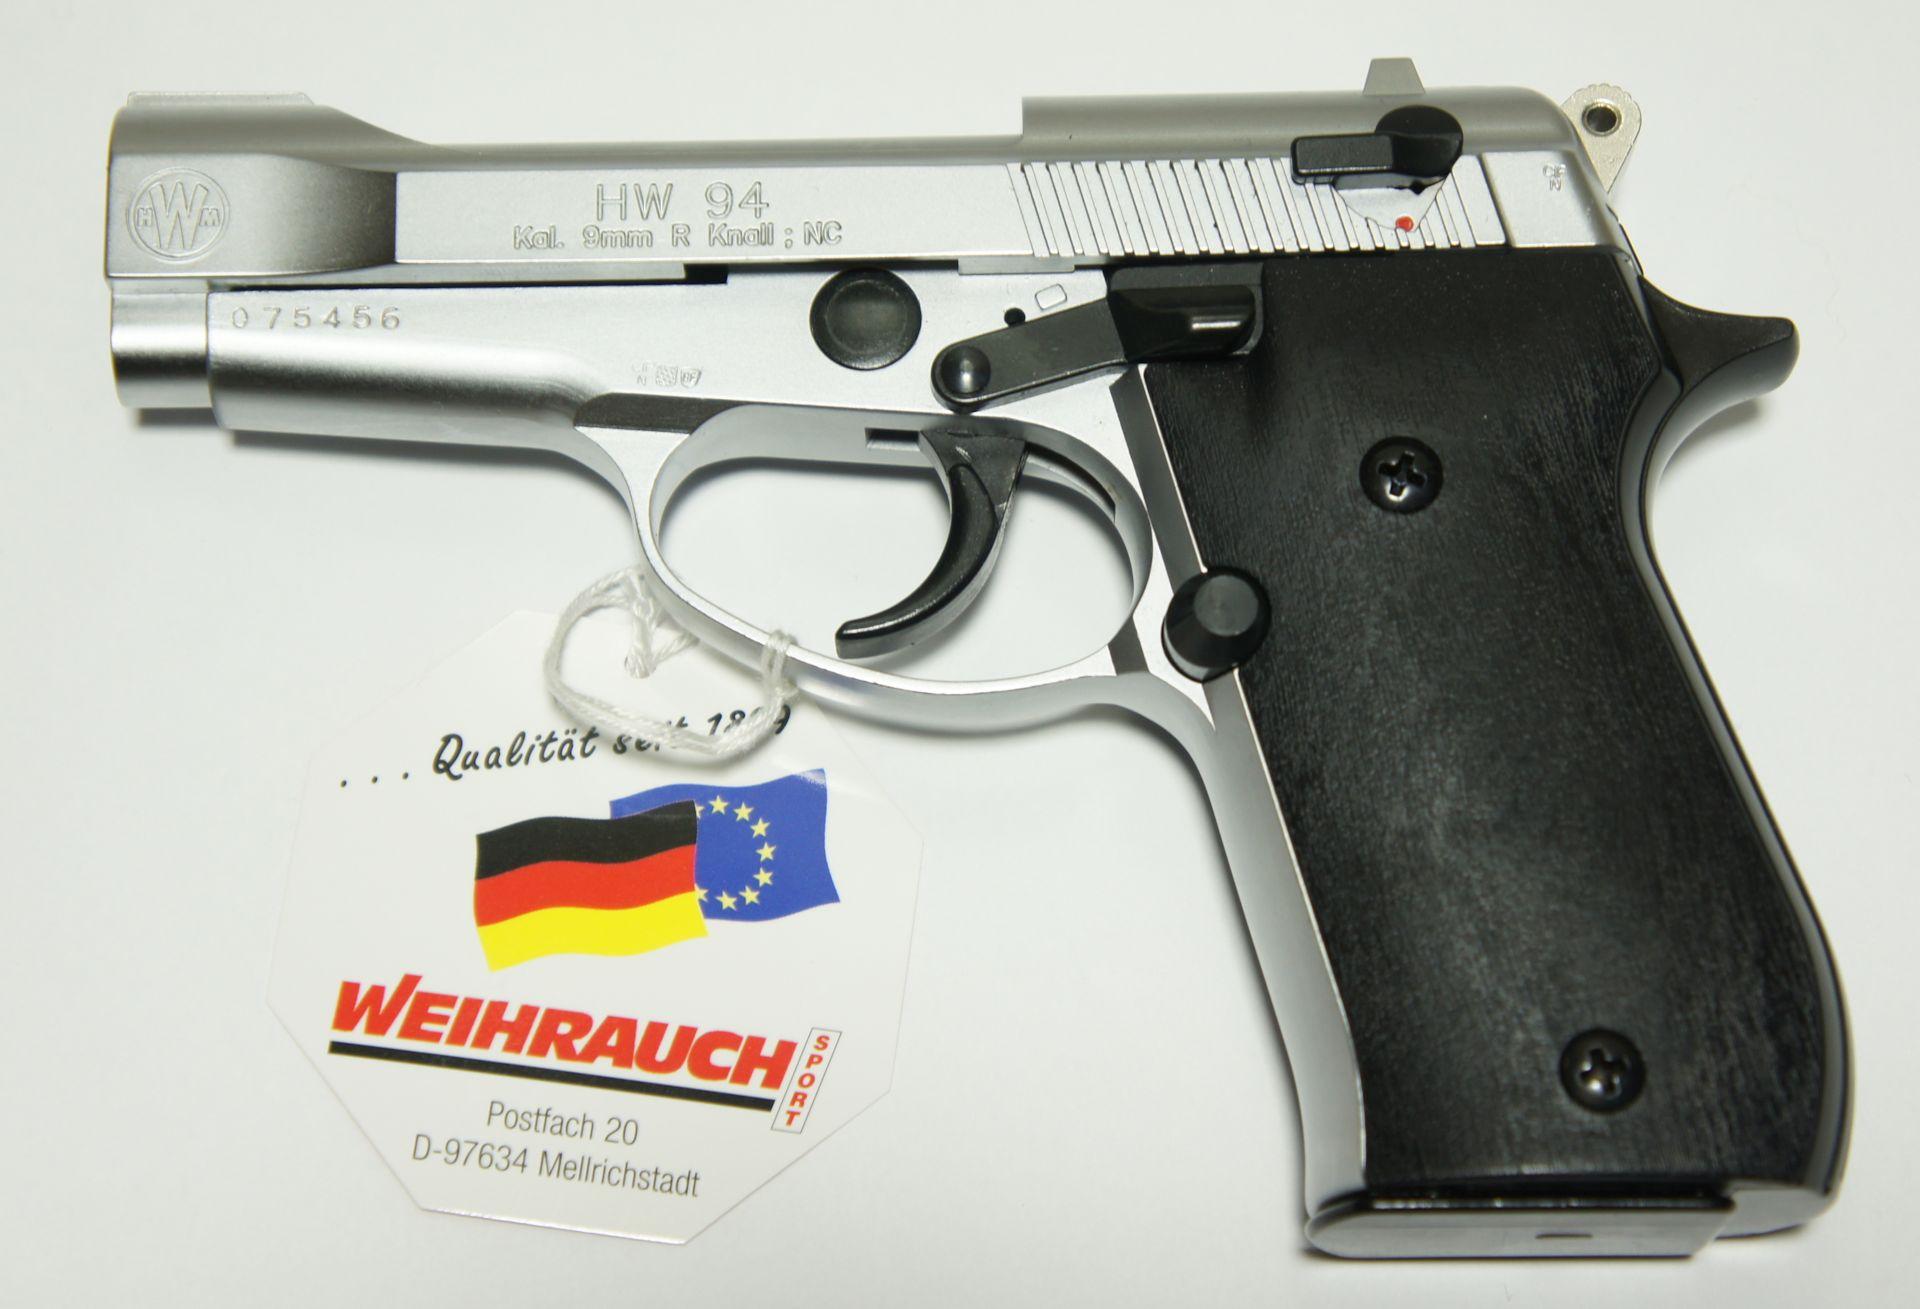 Gas und Signal Pistole HW 94 stainless Look